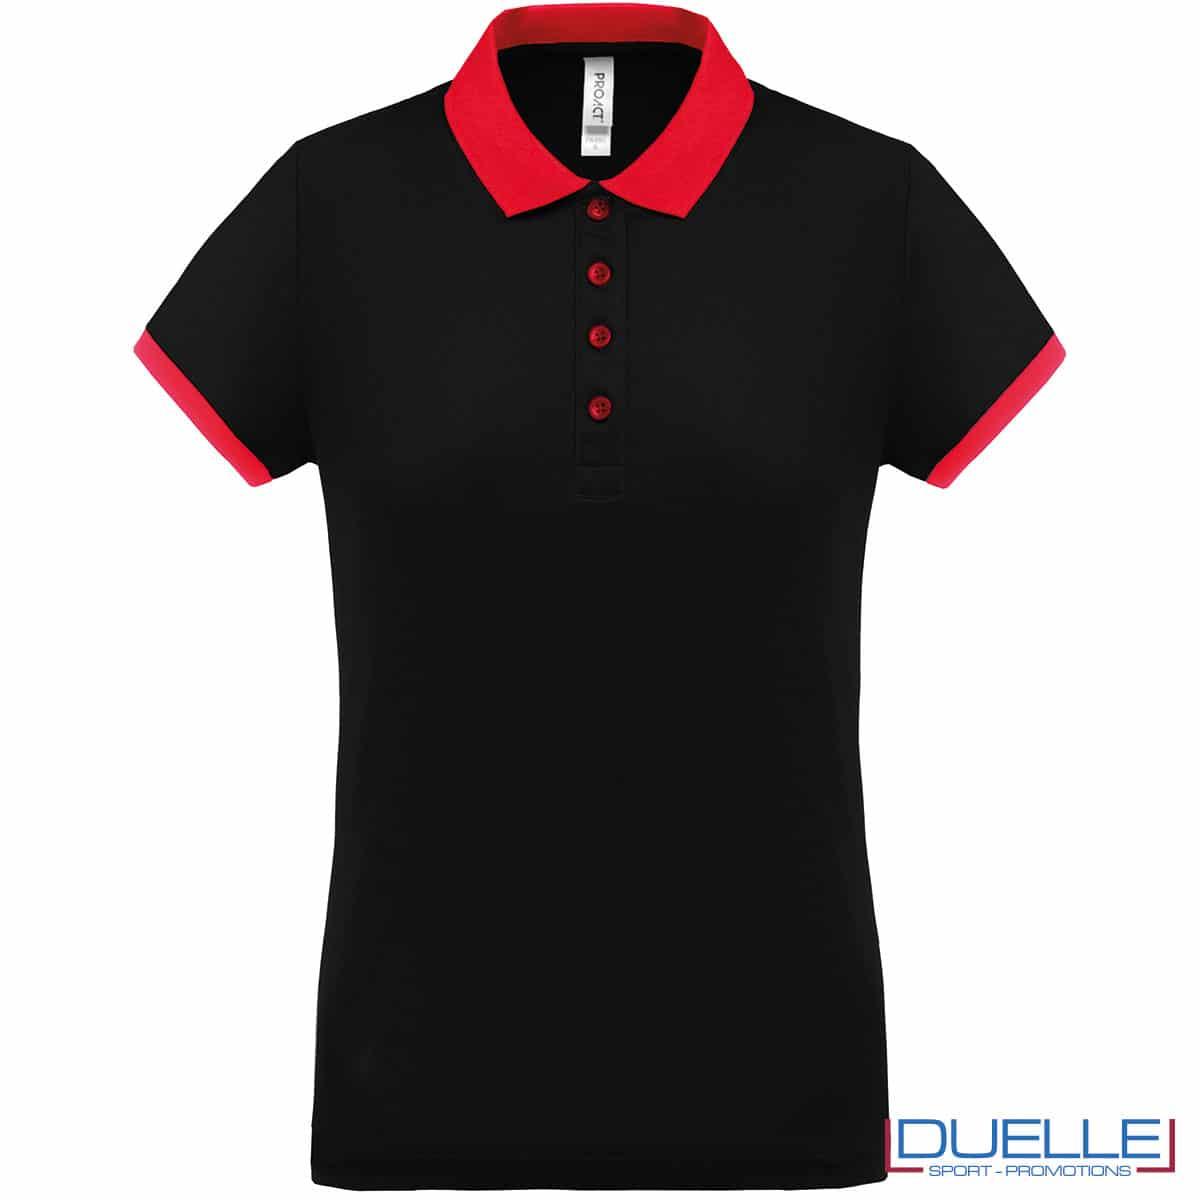 polo nera da donna cool plus con dettaglio rosso